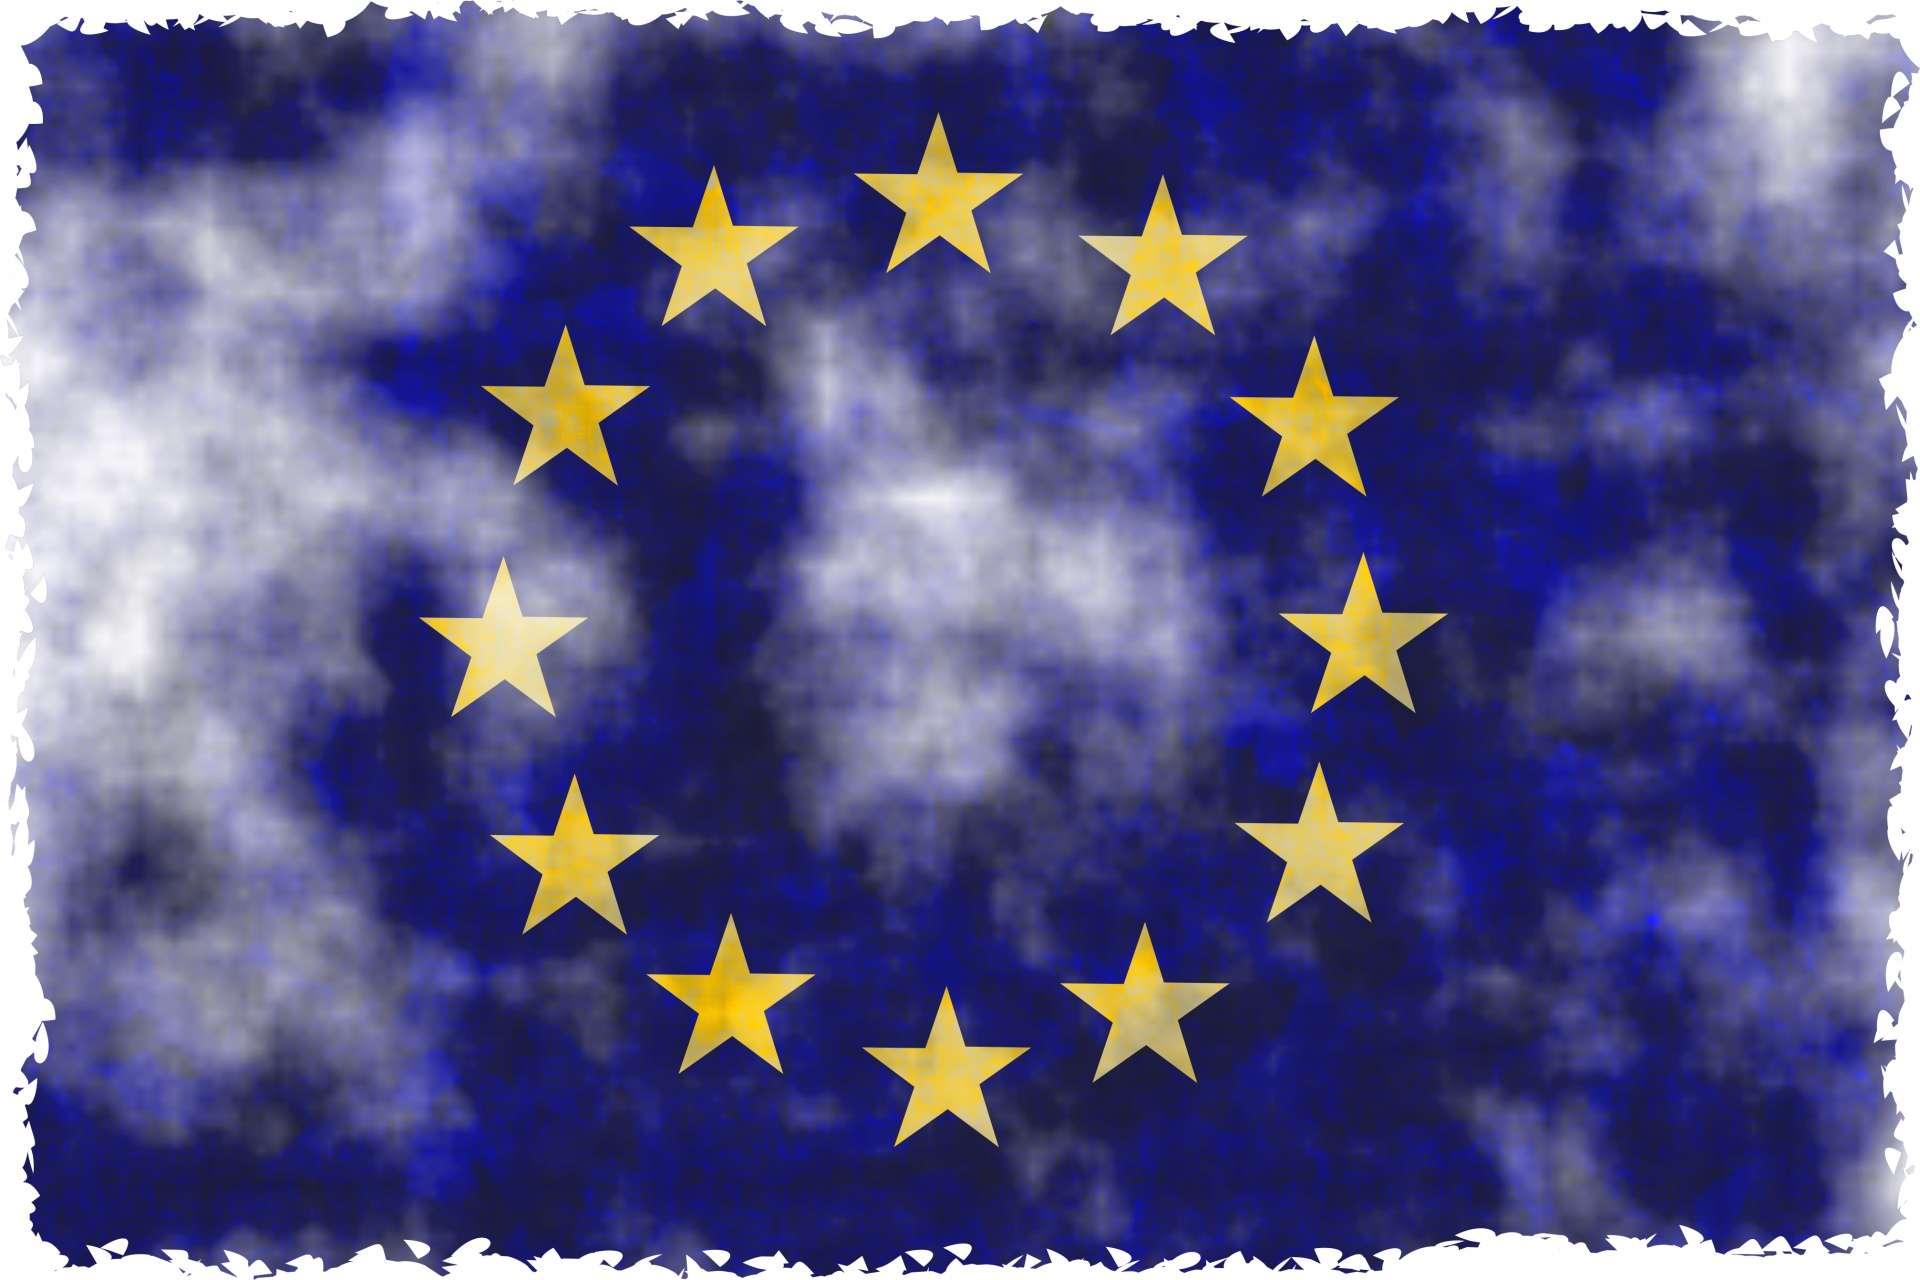 (EyesOnEurope): «La transparence européenne, une lutte de référentiels ?»